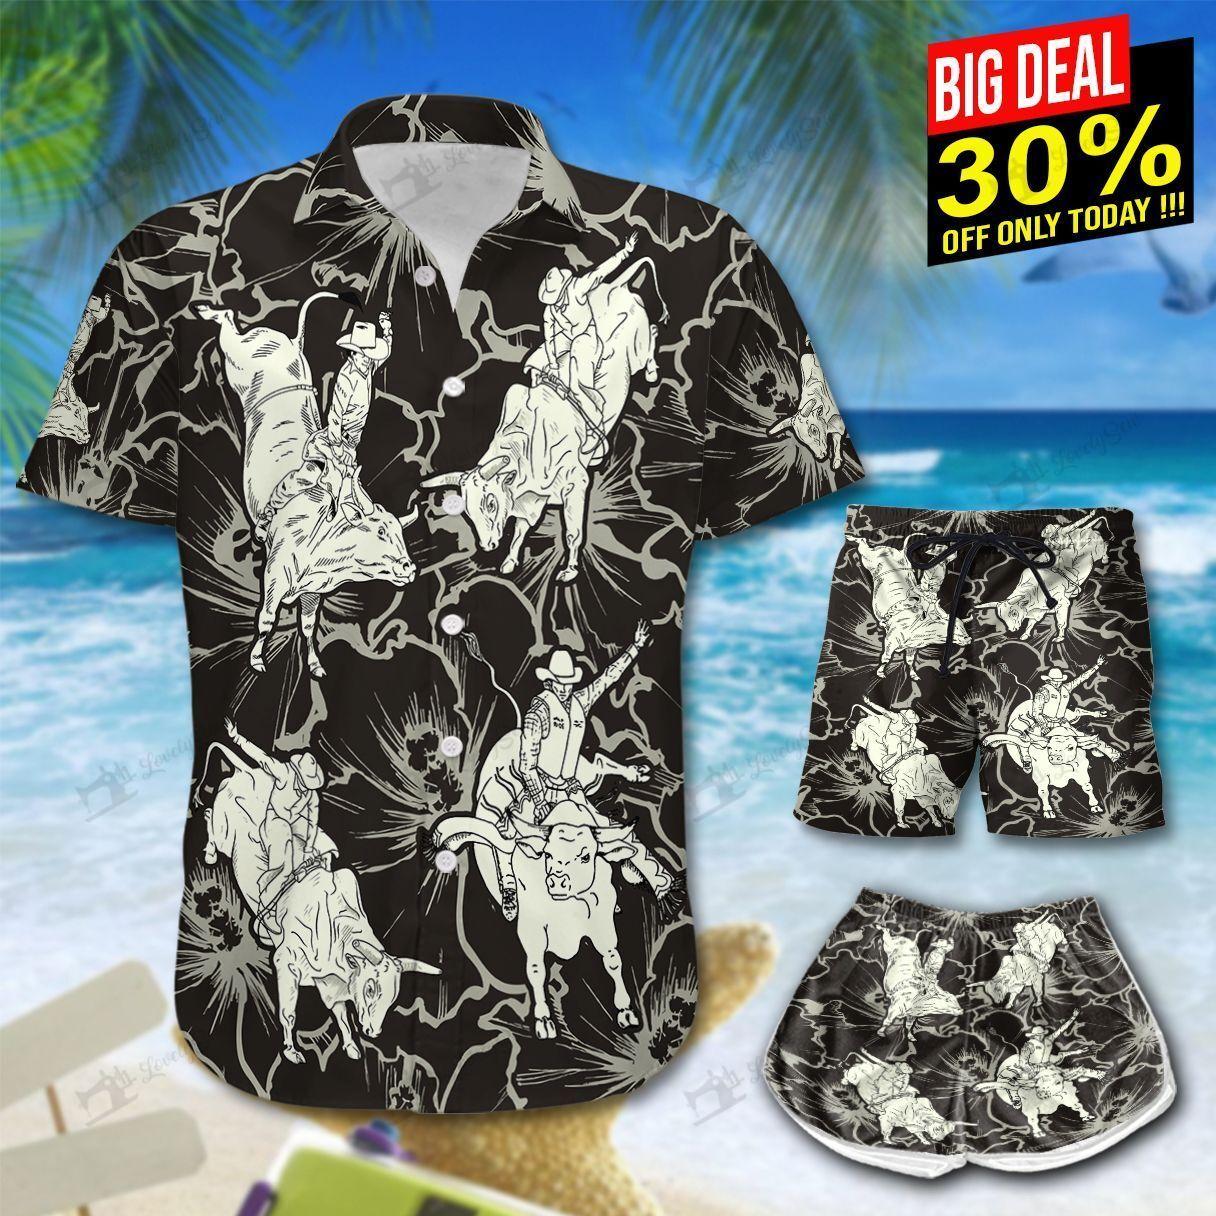 Bull Riding Hibiscus Hawaii Shirt and Shorts